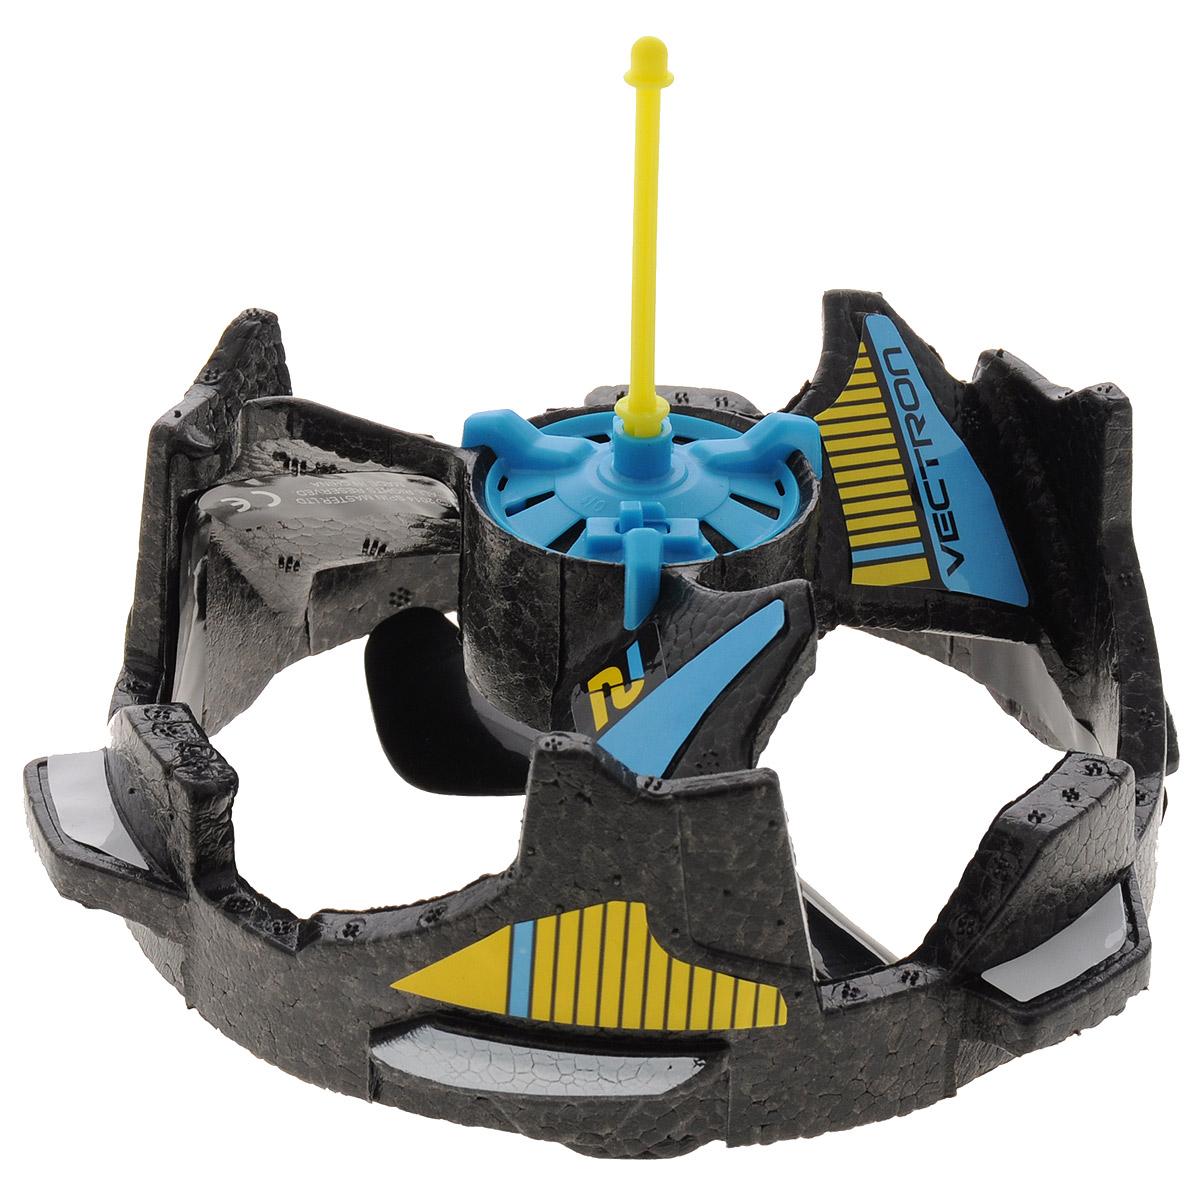 Air Hogs Игрушка на радиоуправлении Vectron Wave цвет черный голубой ( 44363-2_черный, голубой )